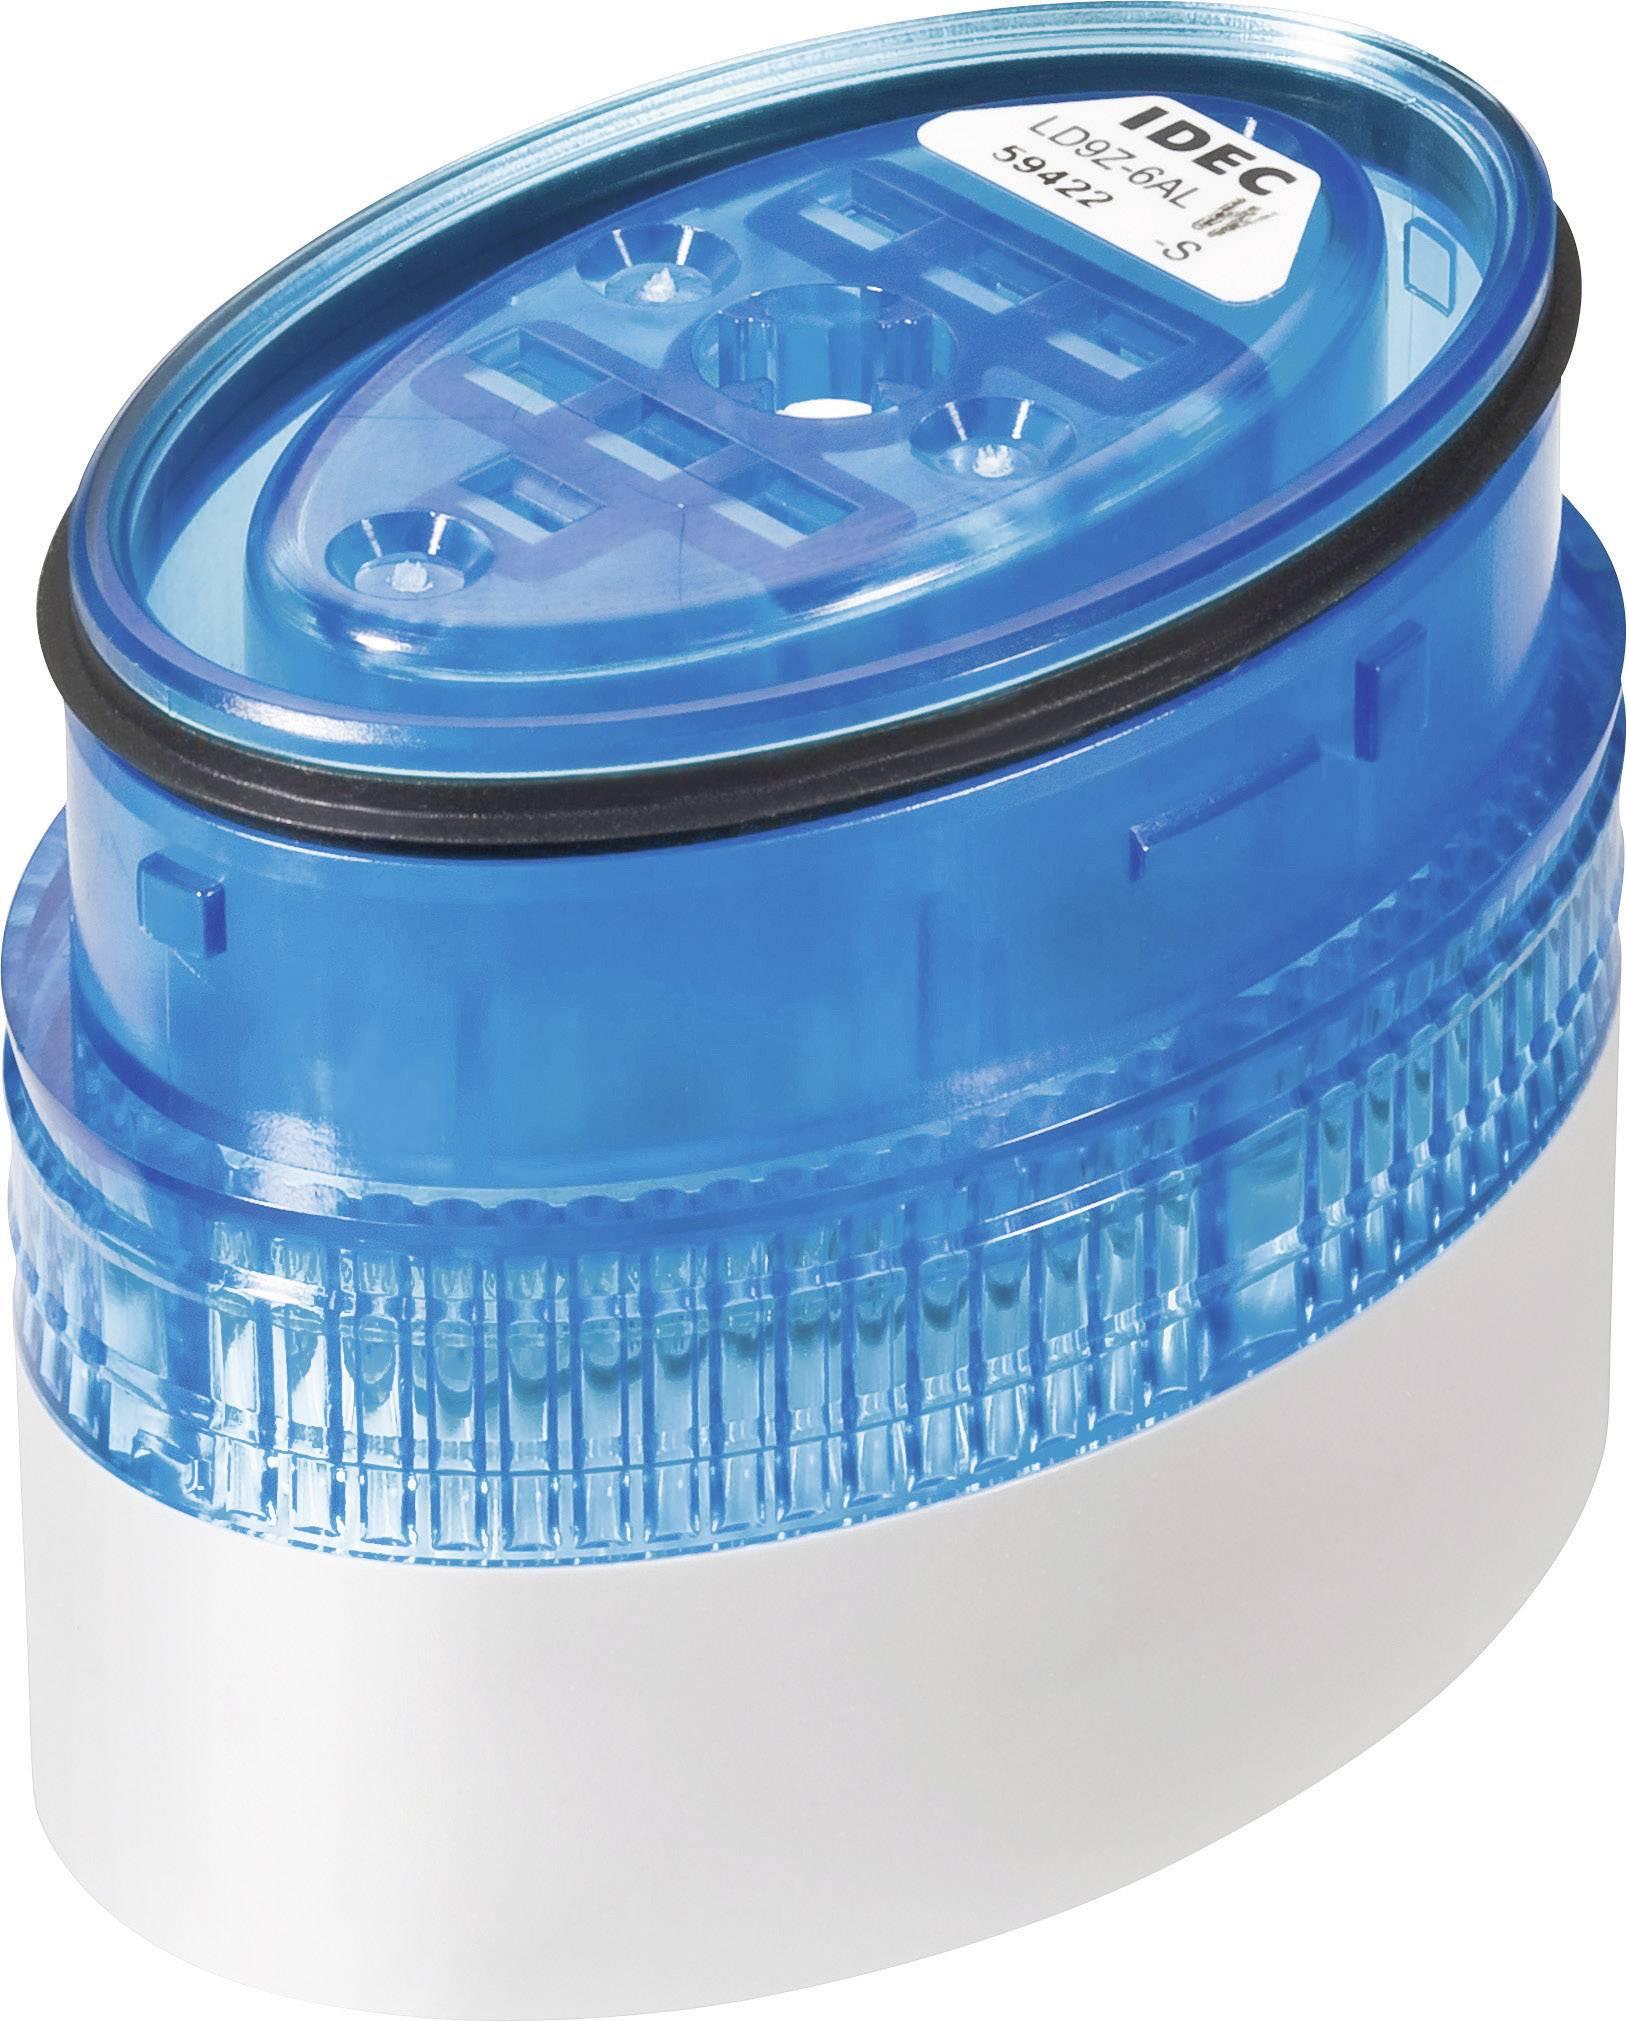 LED signalizace Idec LD6A (LD9Z-6ALW-S), IP65, Ø 40 x 60 mm, modrá